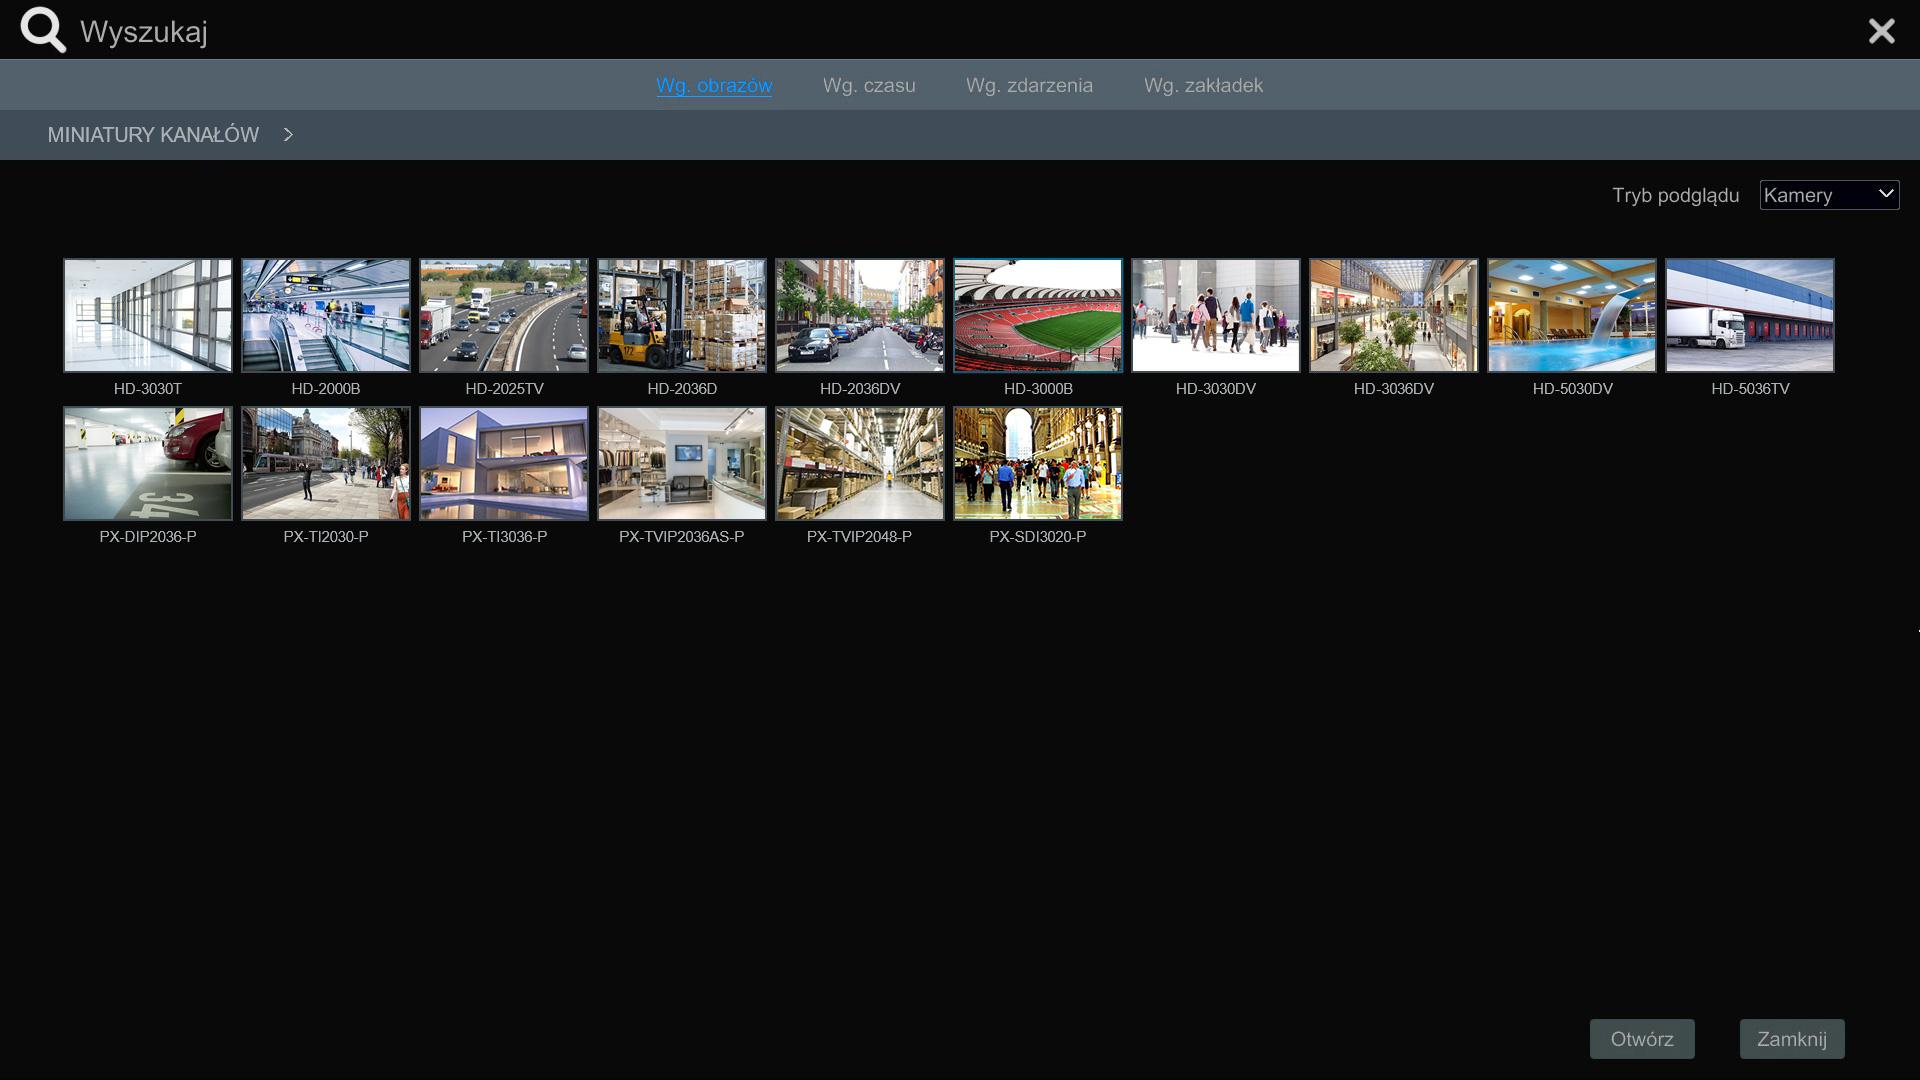 Wyszukiwanie kamer w N9000.